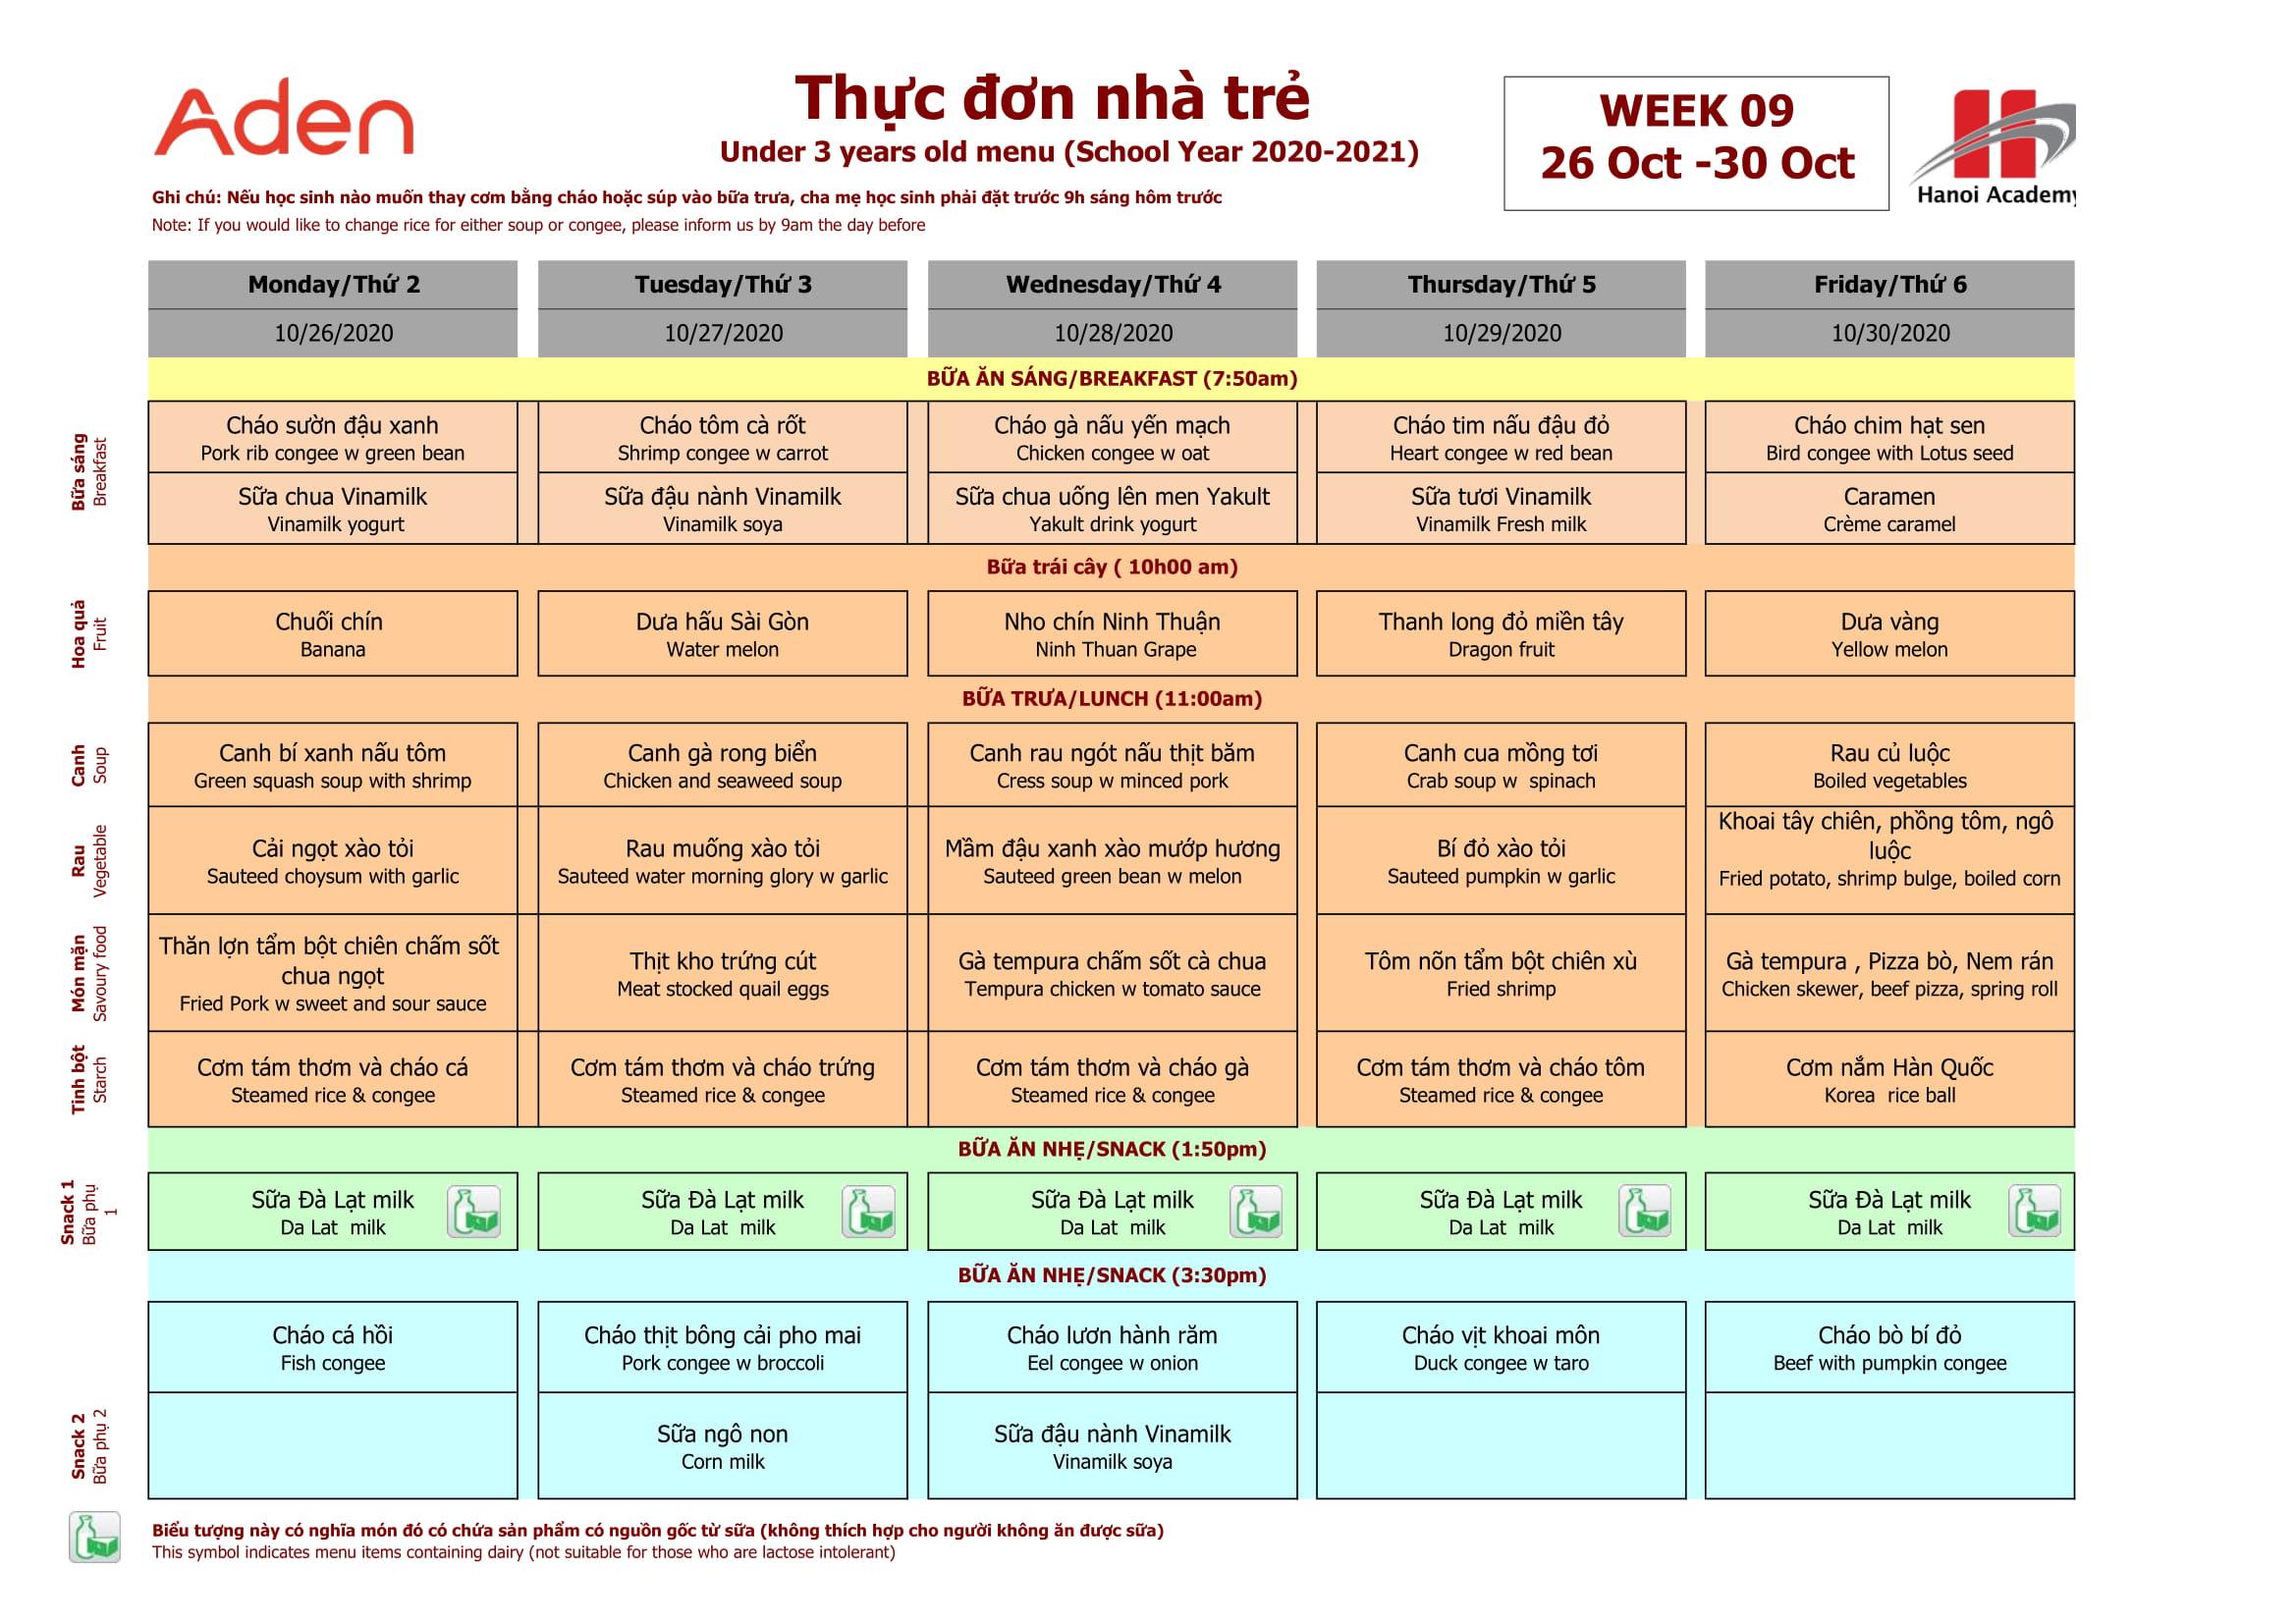 Thực đơn tuần 9 (26/10 – 30/10) năm học 2020-2021